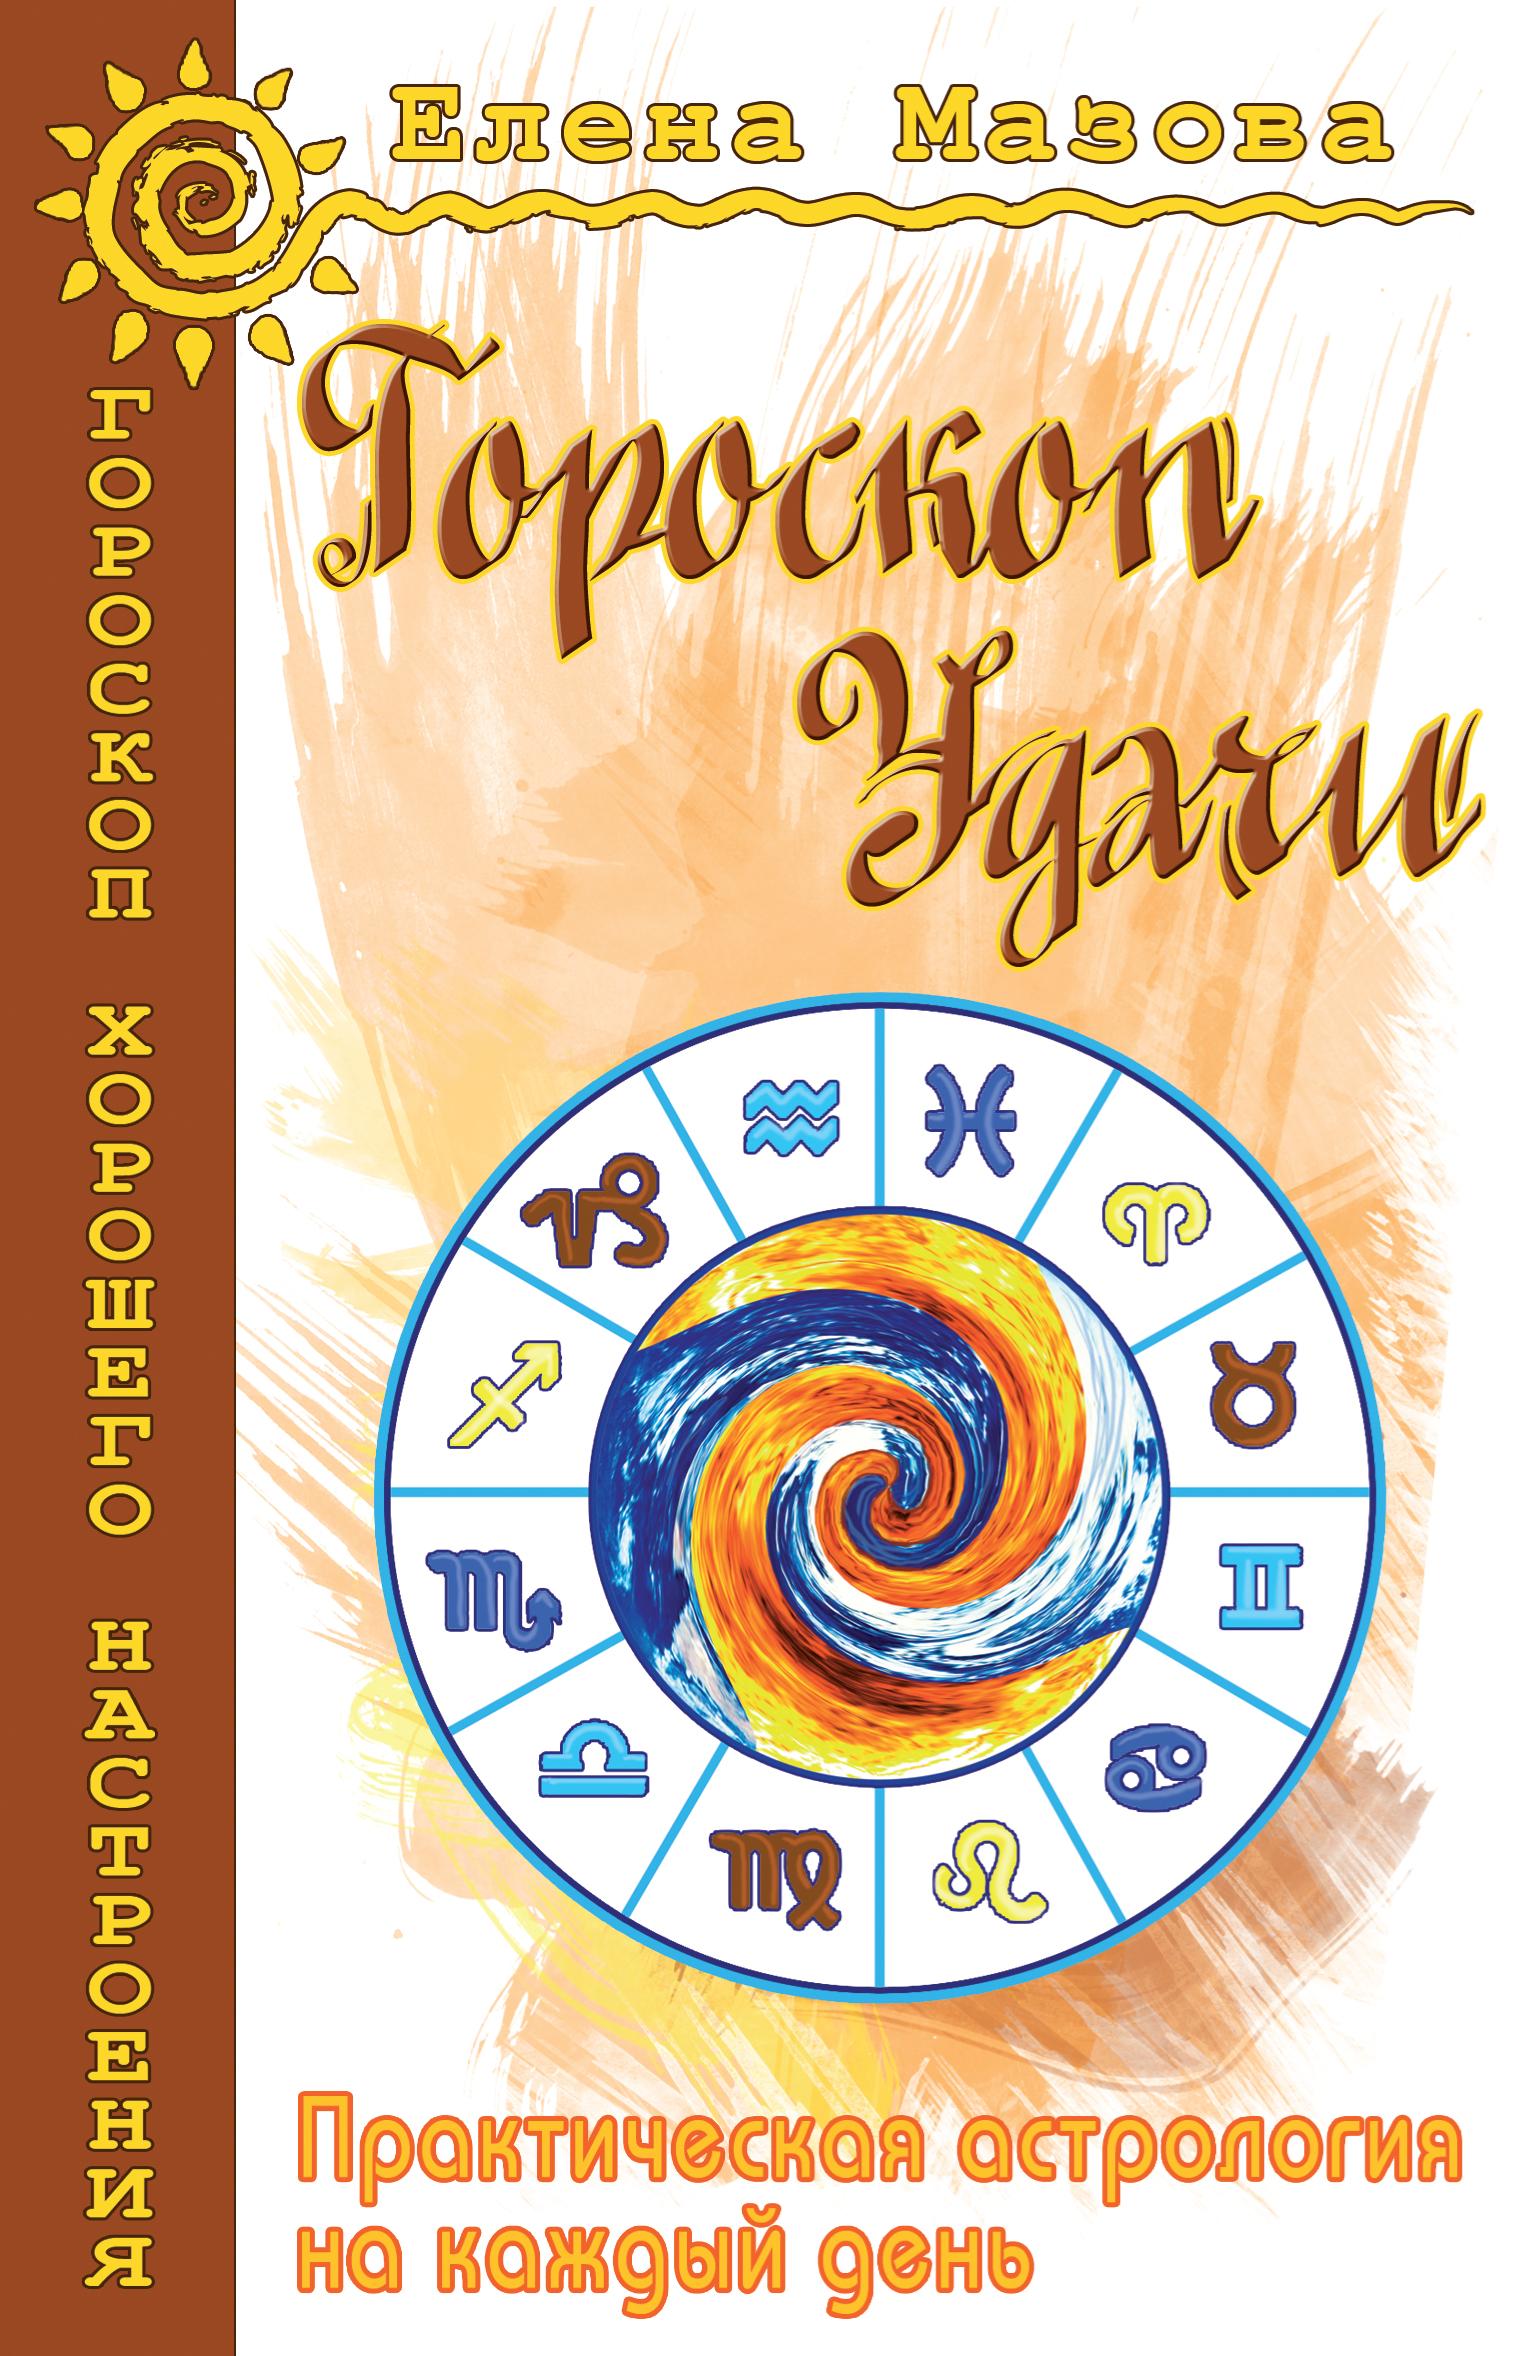 Гороскоп удачи. Практическая астрология на каждый день. 4-е изд.